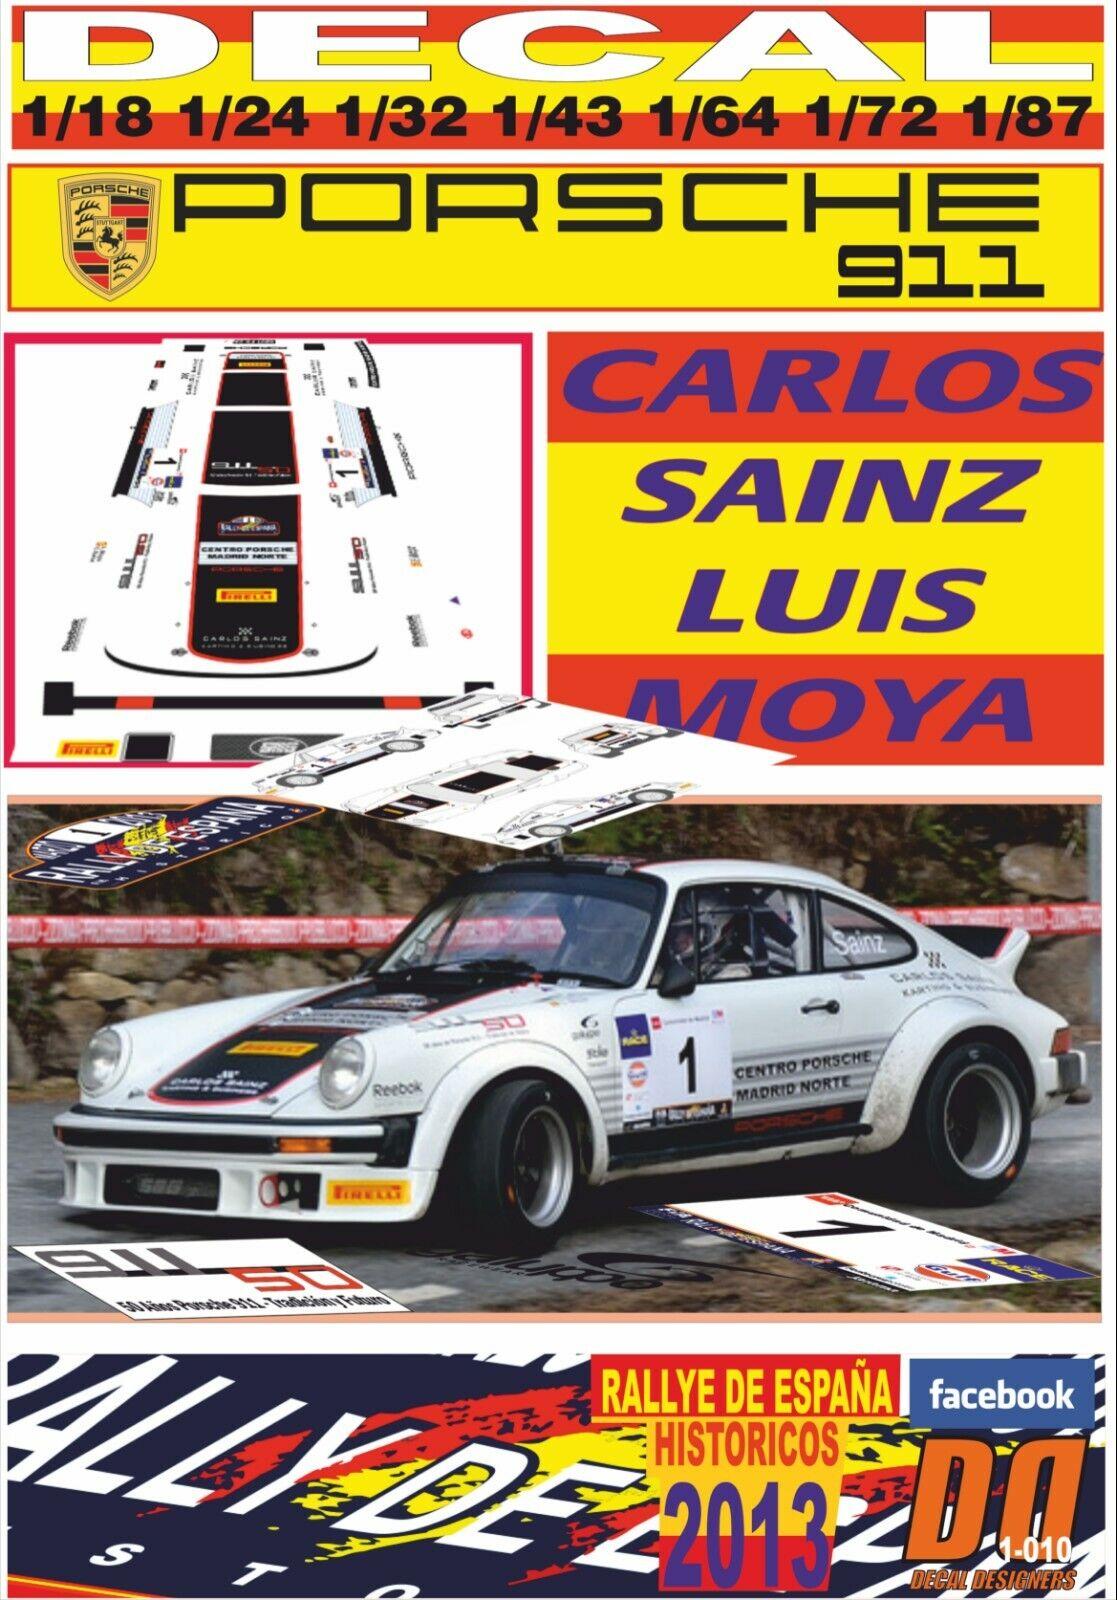 R  SAINZ CARLOS RS 911 PORSCHE ESPAÑA DECAL (09) WINNER 2013